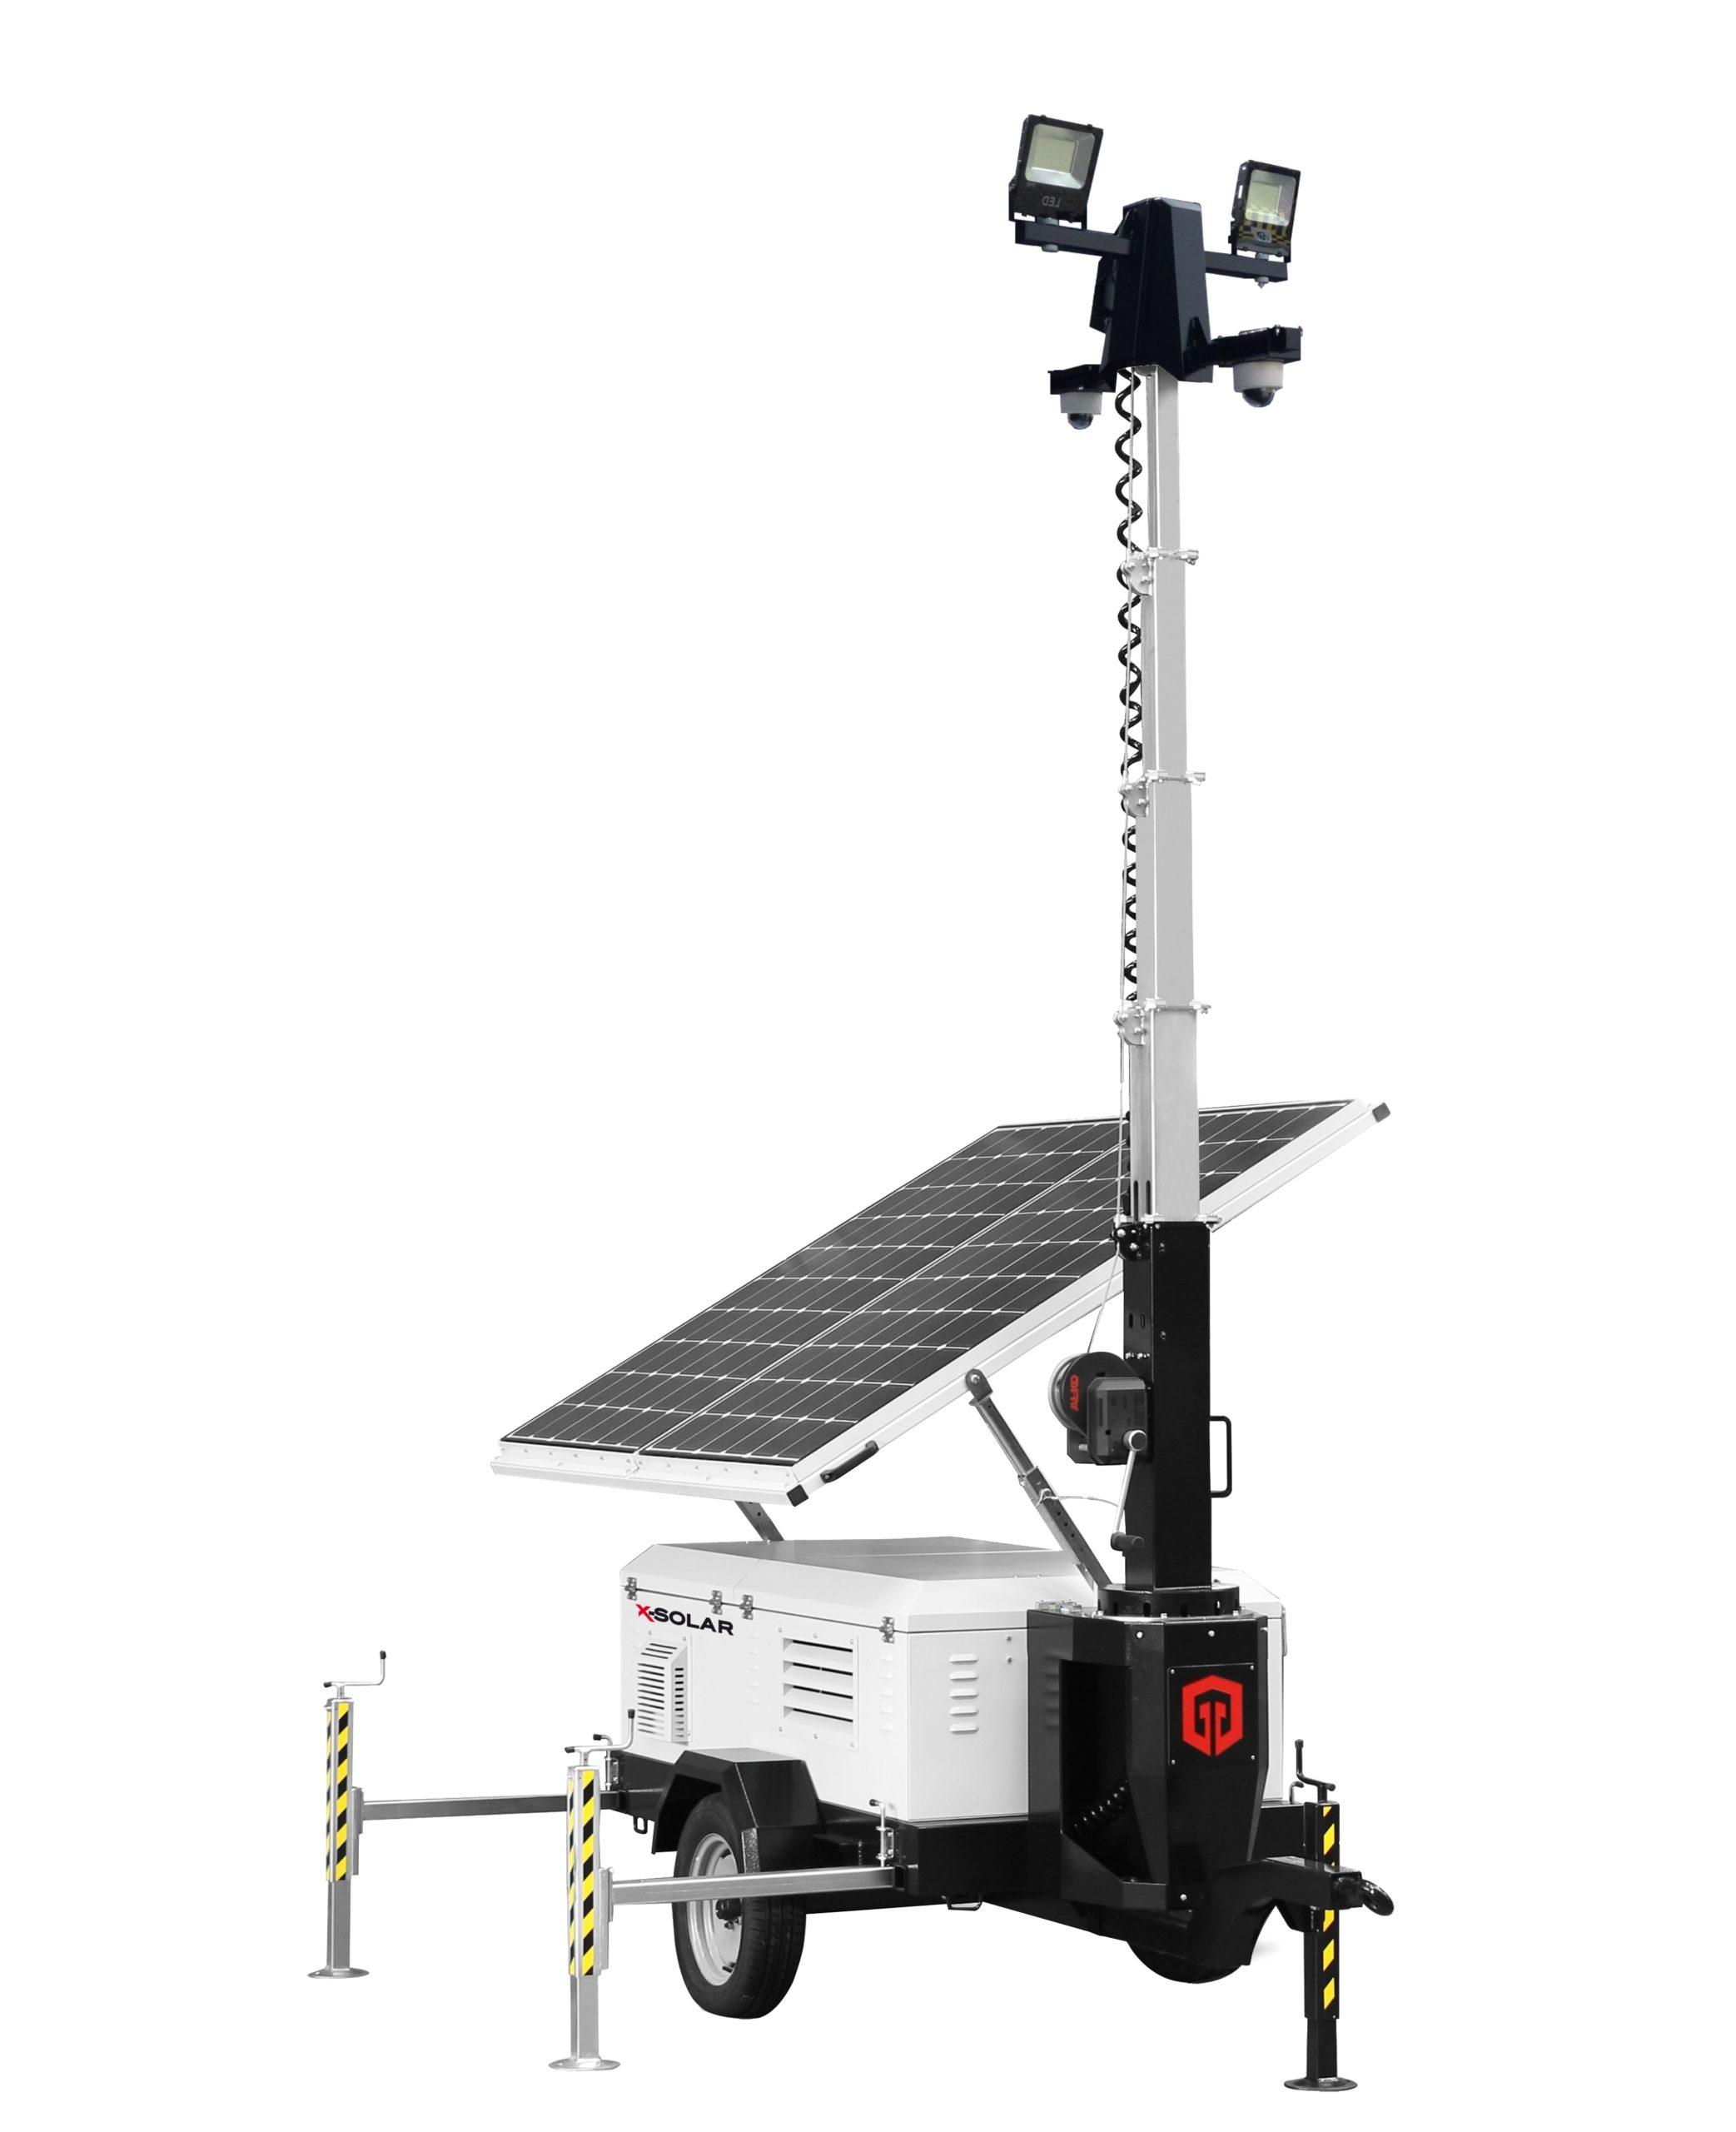 Aanhanger mobiele cameramast op zonnepanelen